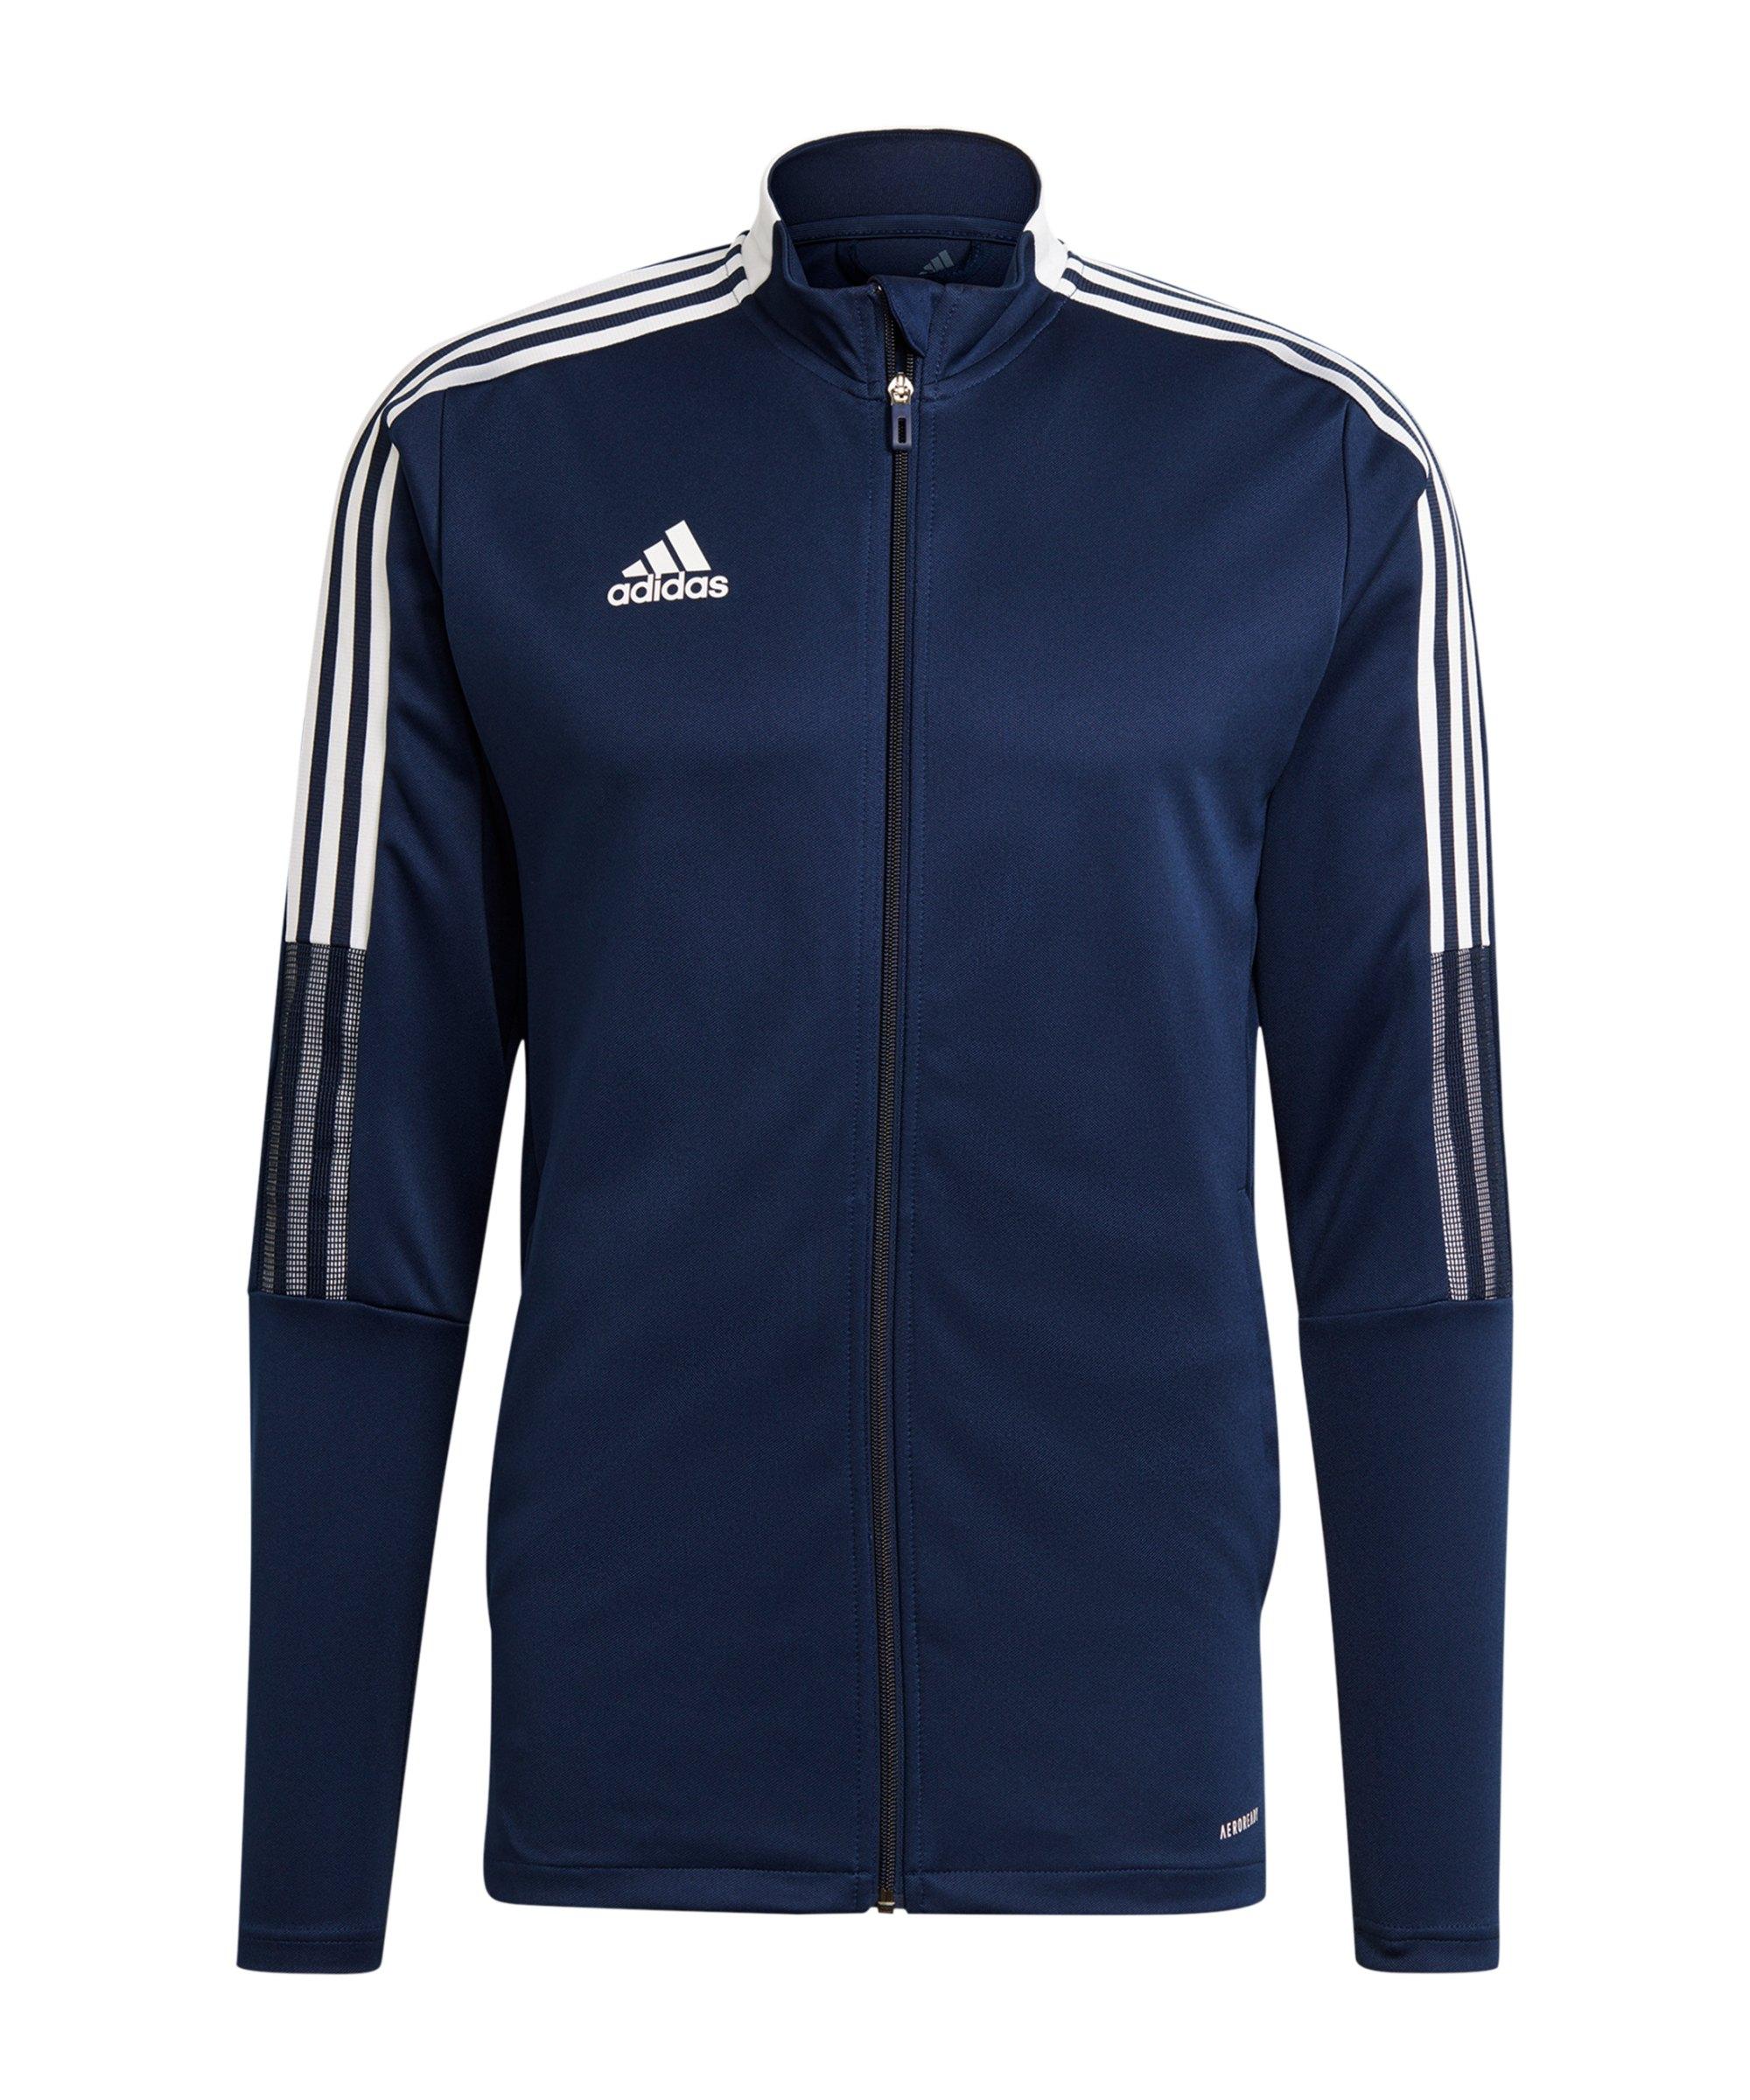 adidas Tiro 21 Trainingsjacke Schwarz Blau - schwarz